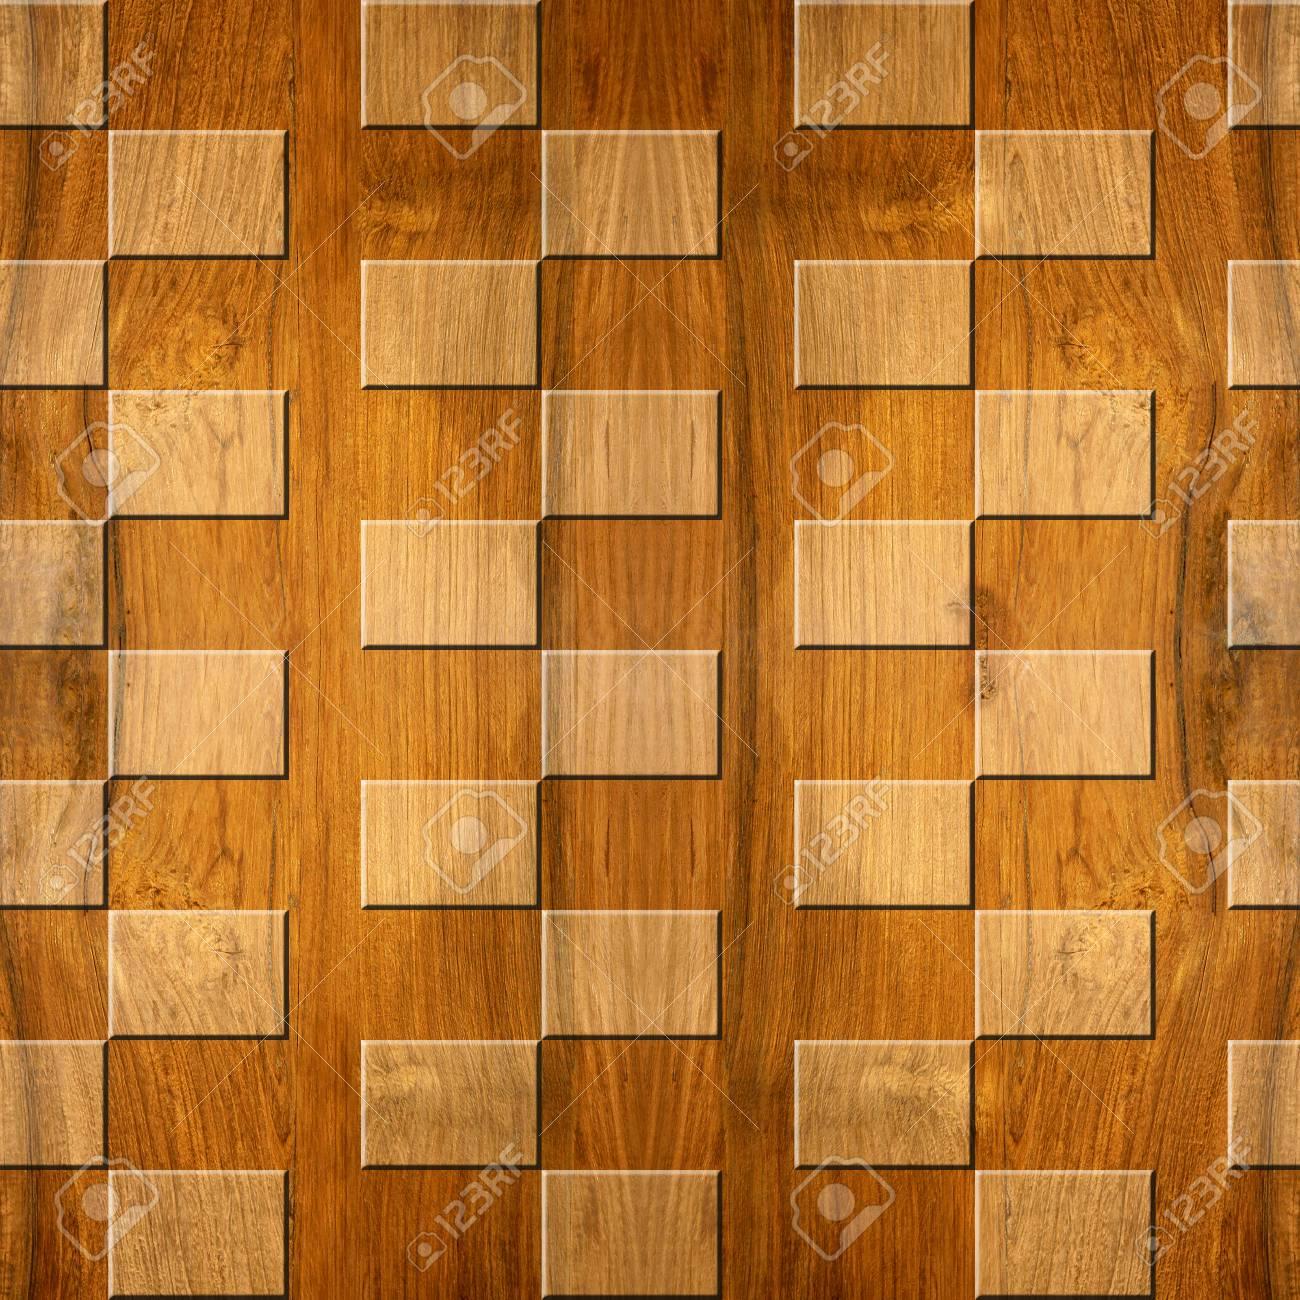 Patrón De Panel De Pared Interior Patrón De Mosaico Decorativo Fondo Transparente Estilo De Cuadros Textura De Madera De Nogal